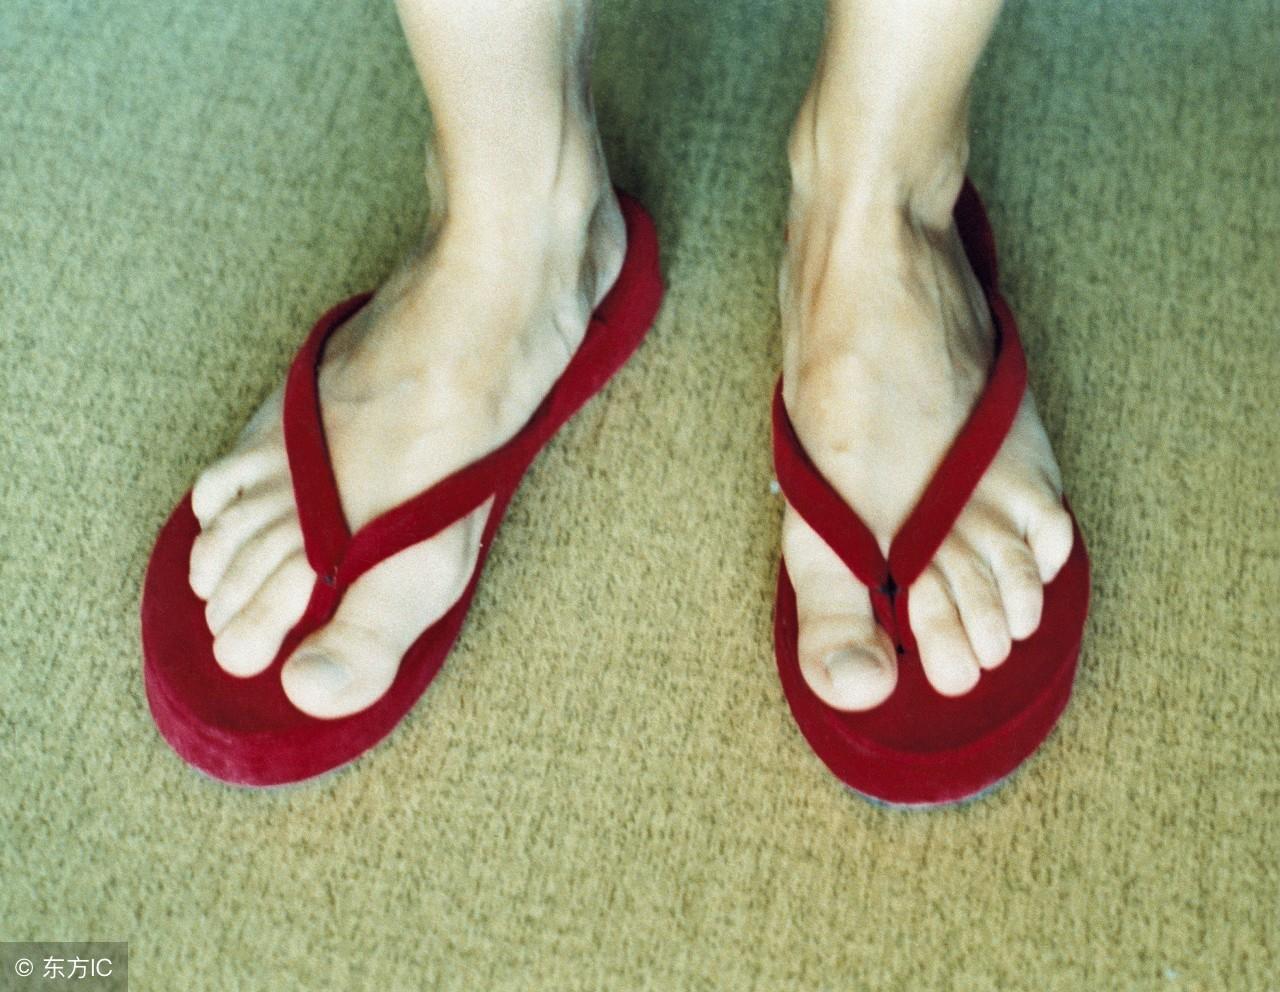 脚气病有什么症状?这三种类型的脚气病要学会区分